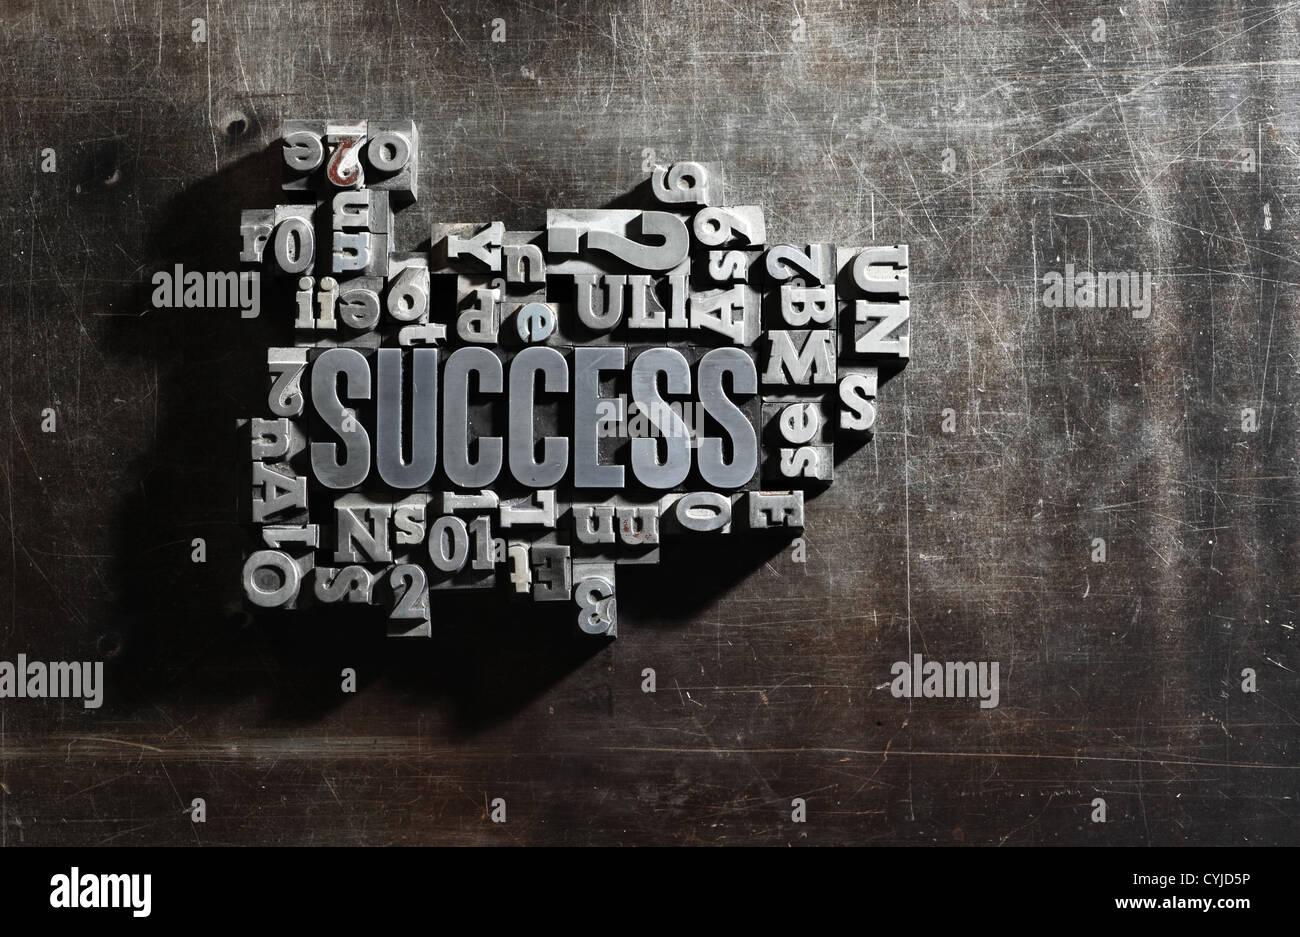 Vecchio lettere metalliche:successo concept parole correlate Immagini Stock